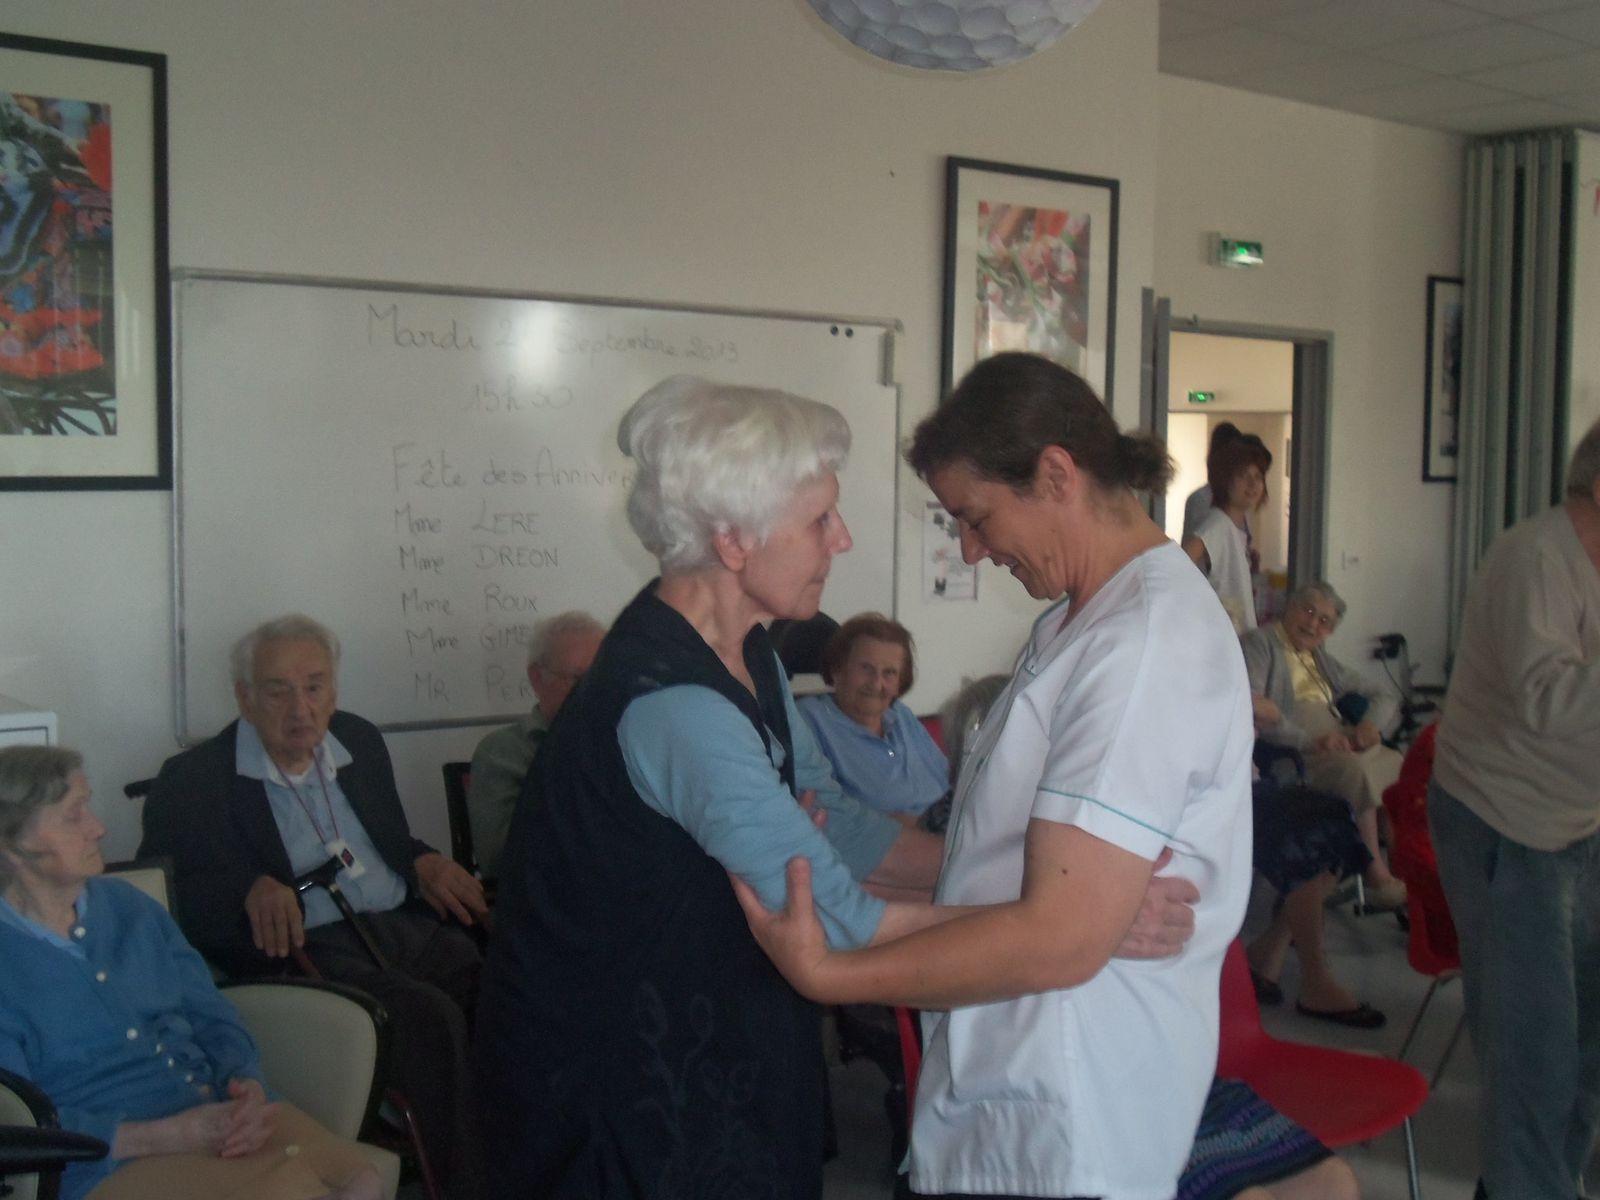 quel joie de danser pour Mme Hugot, merci Christine l'aide soignante